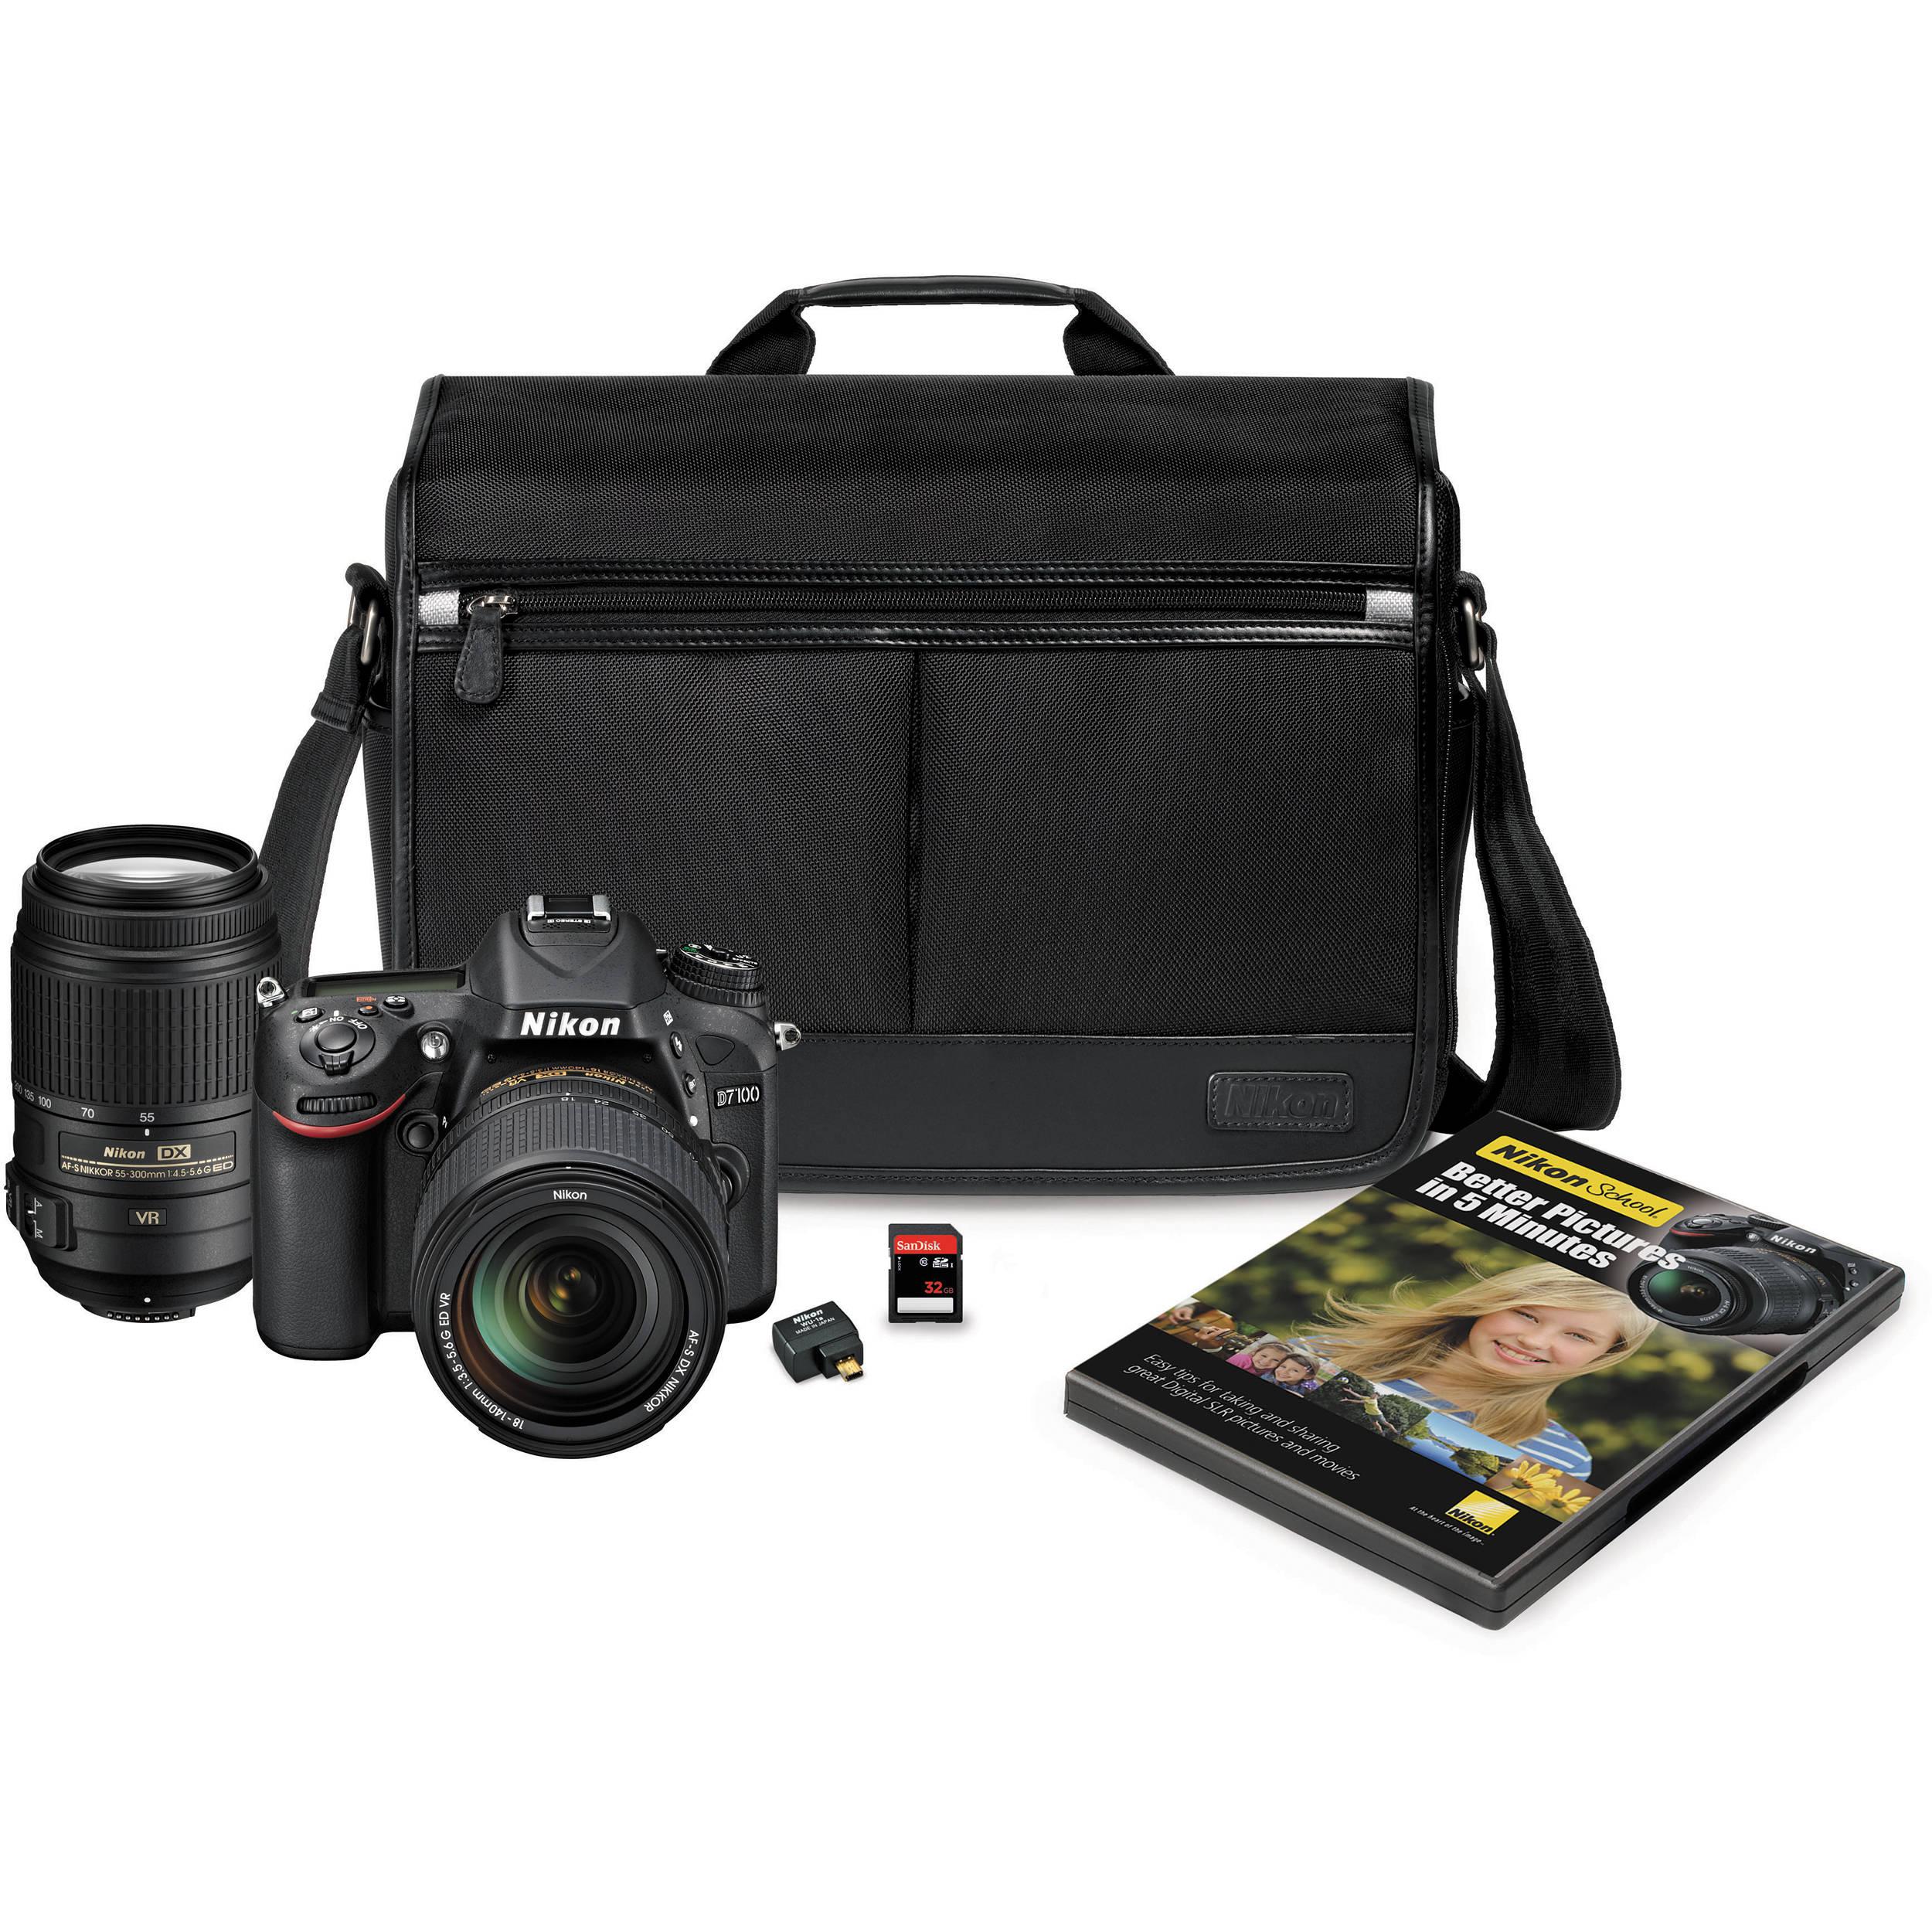 c product  REG nikon d dslr camera kit